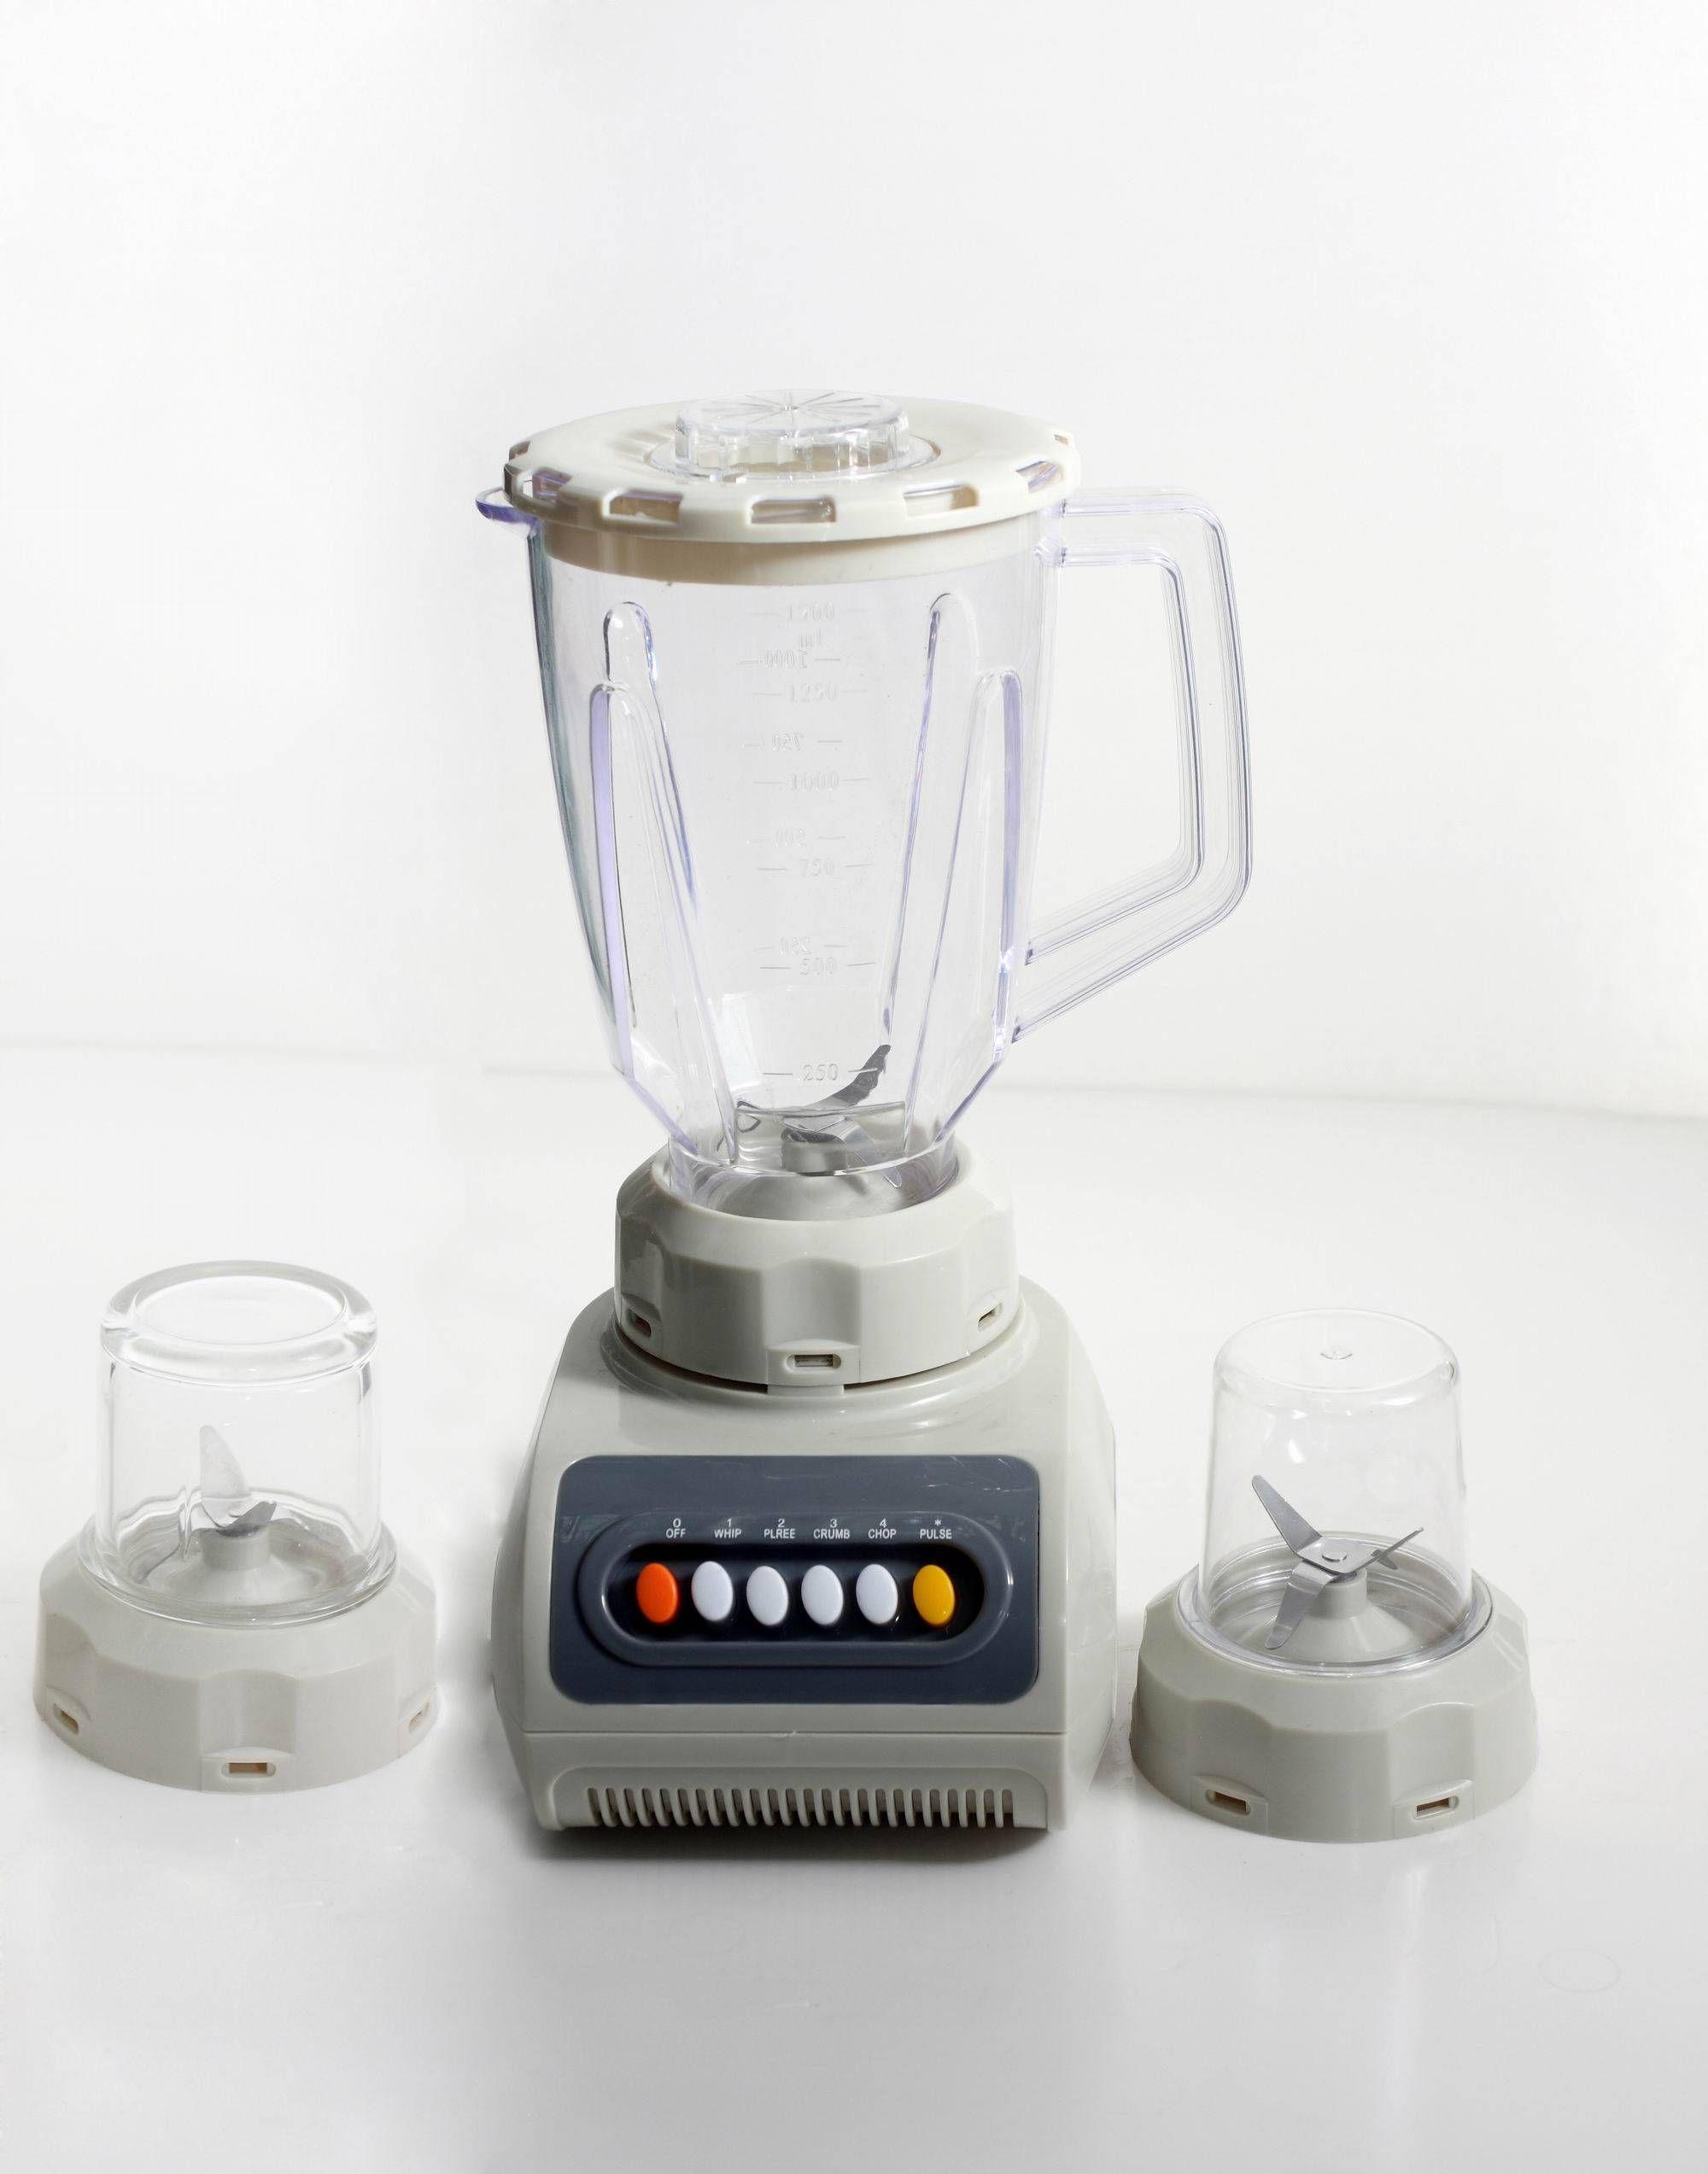 999 blenderkitchen appliances jiangmen sumpak